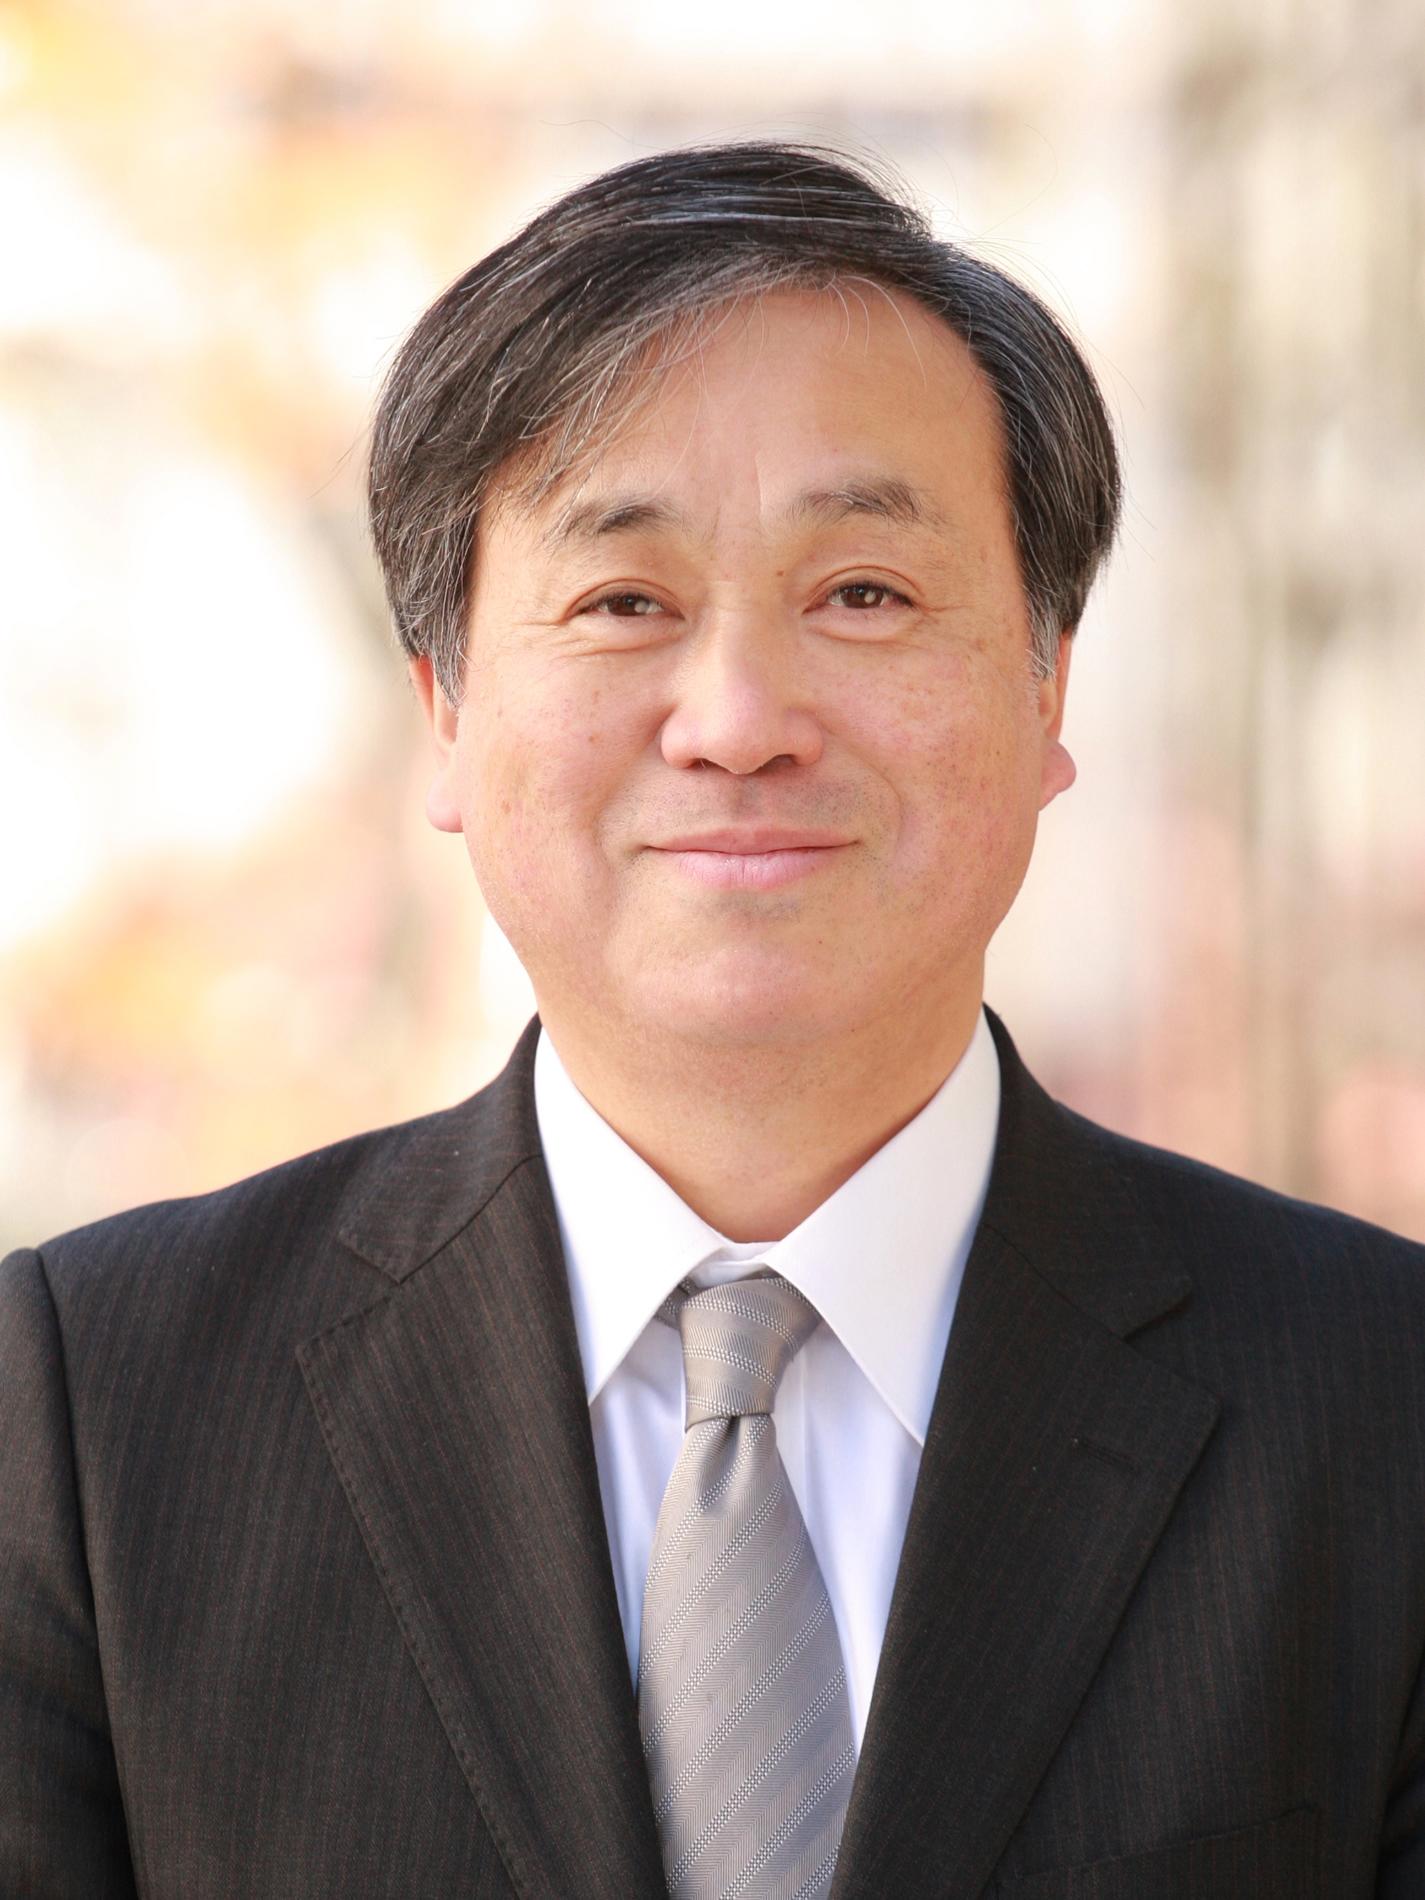 東京農業大学の次期学長、高野克己現学長が2期目へ